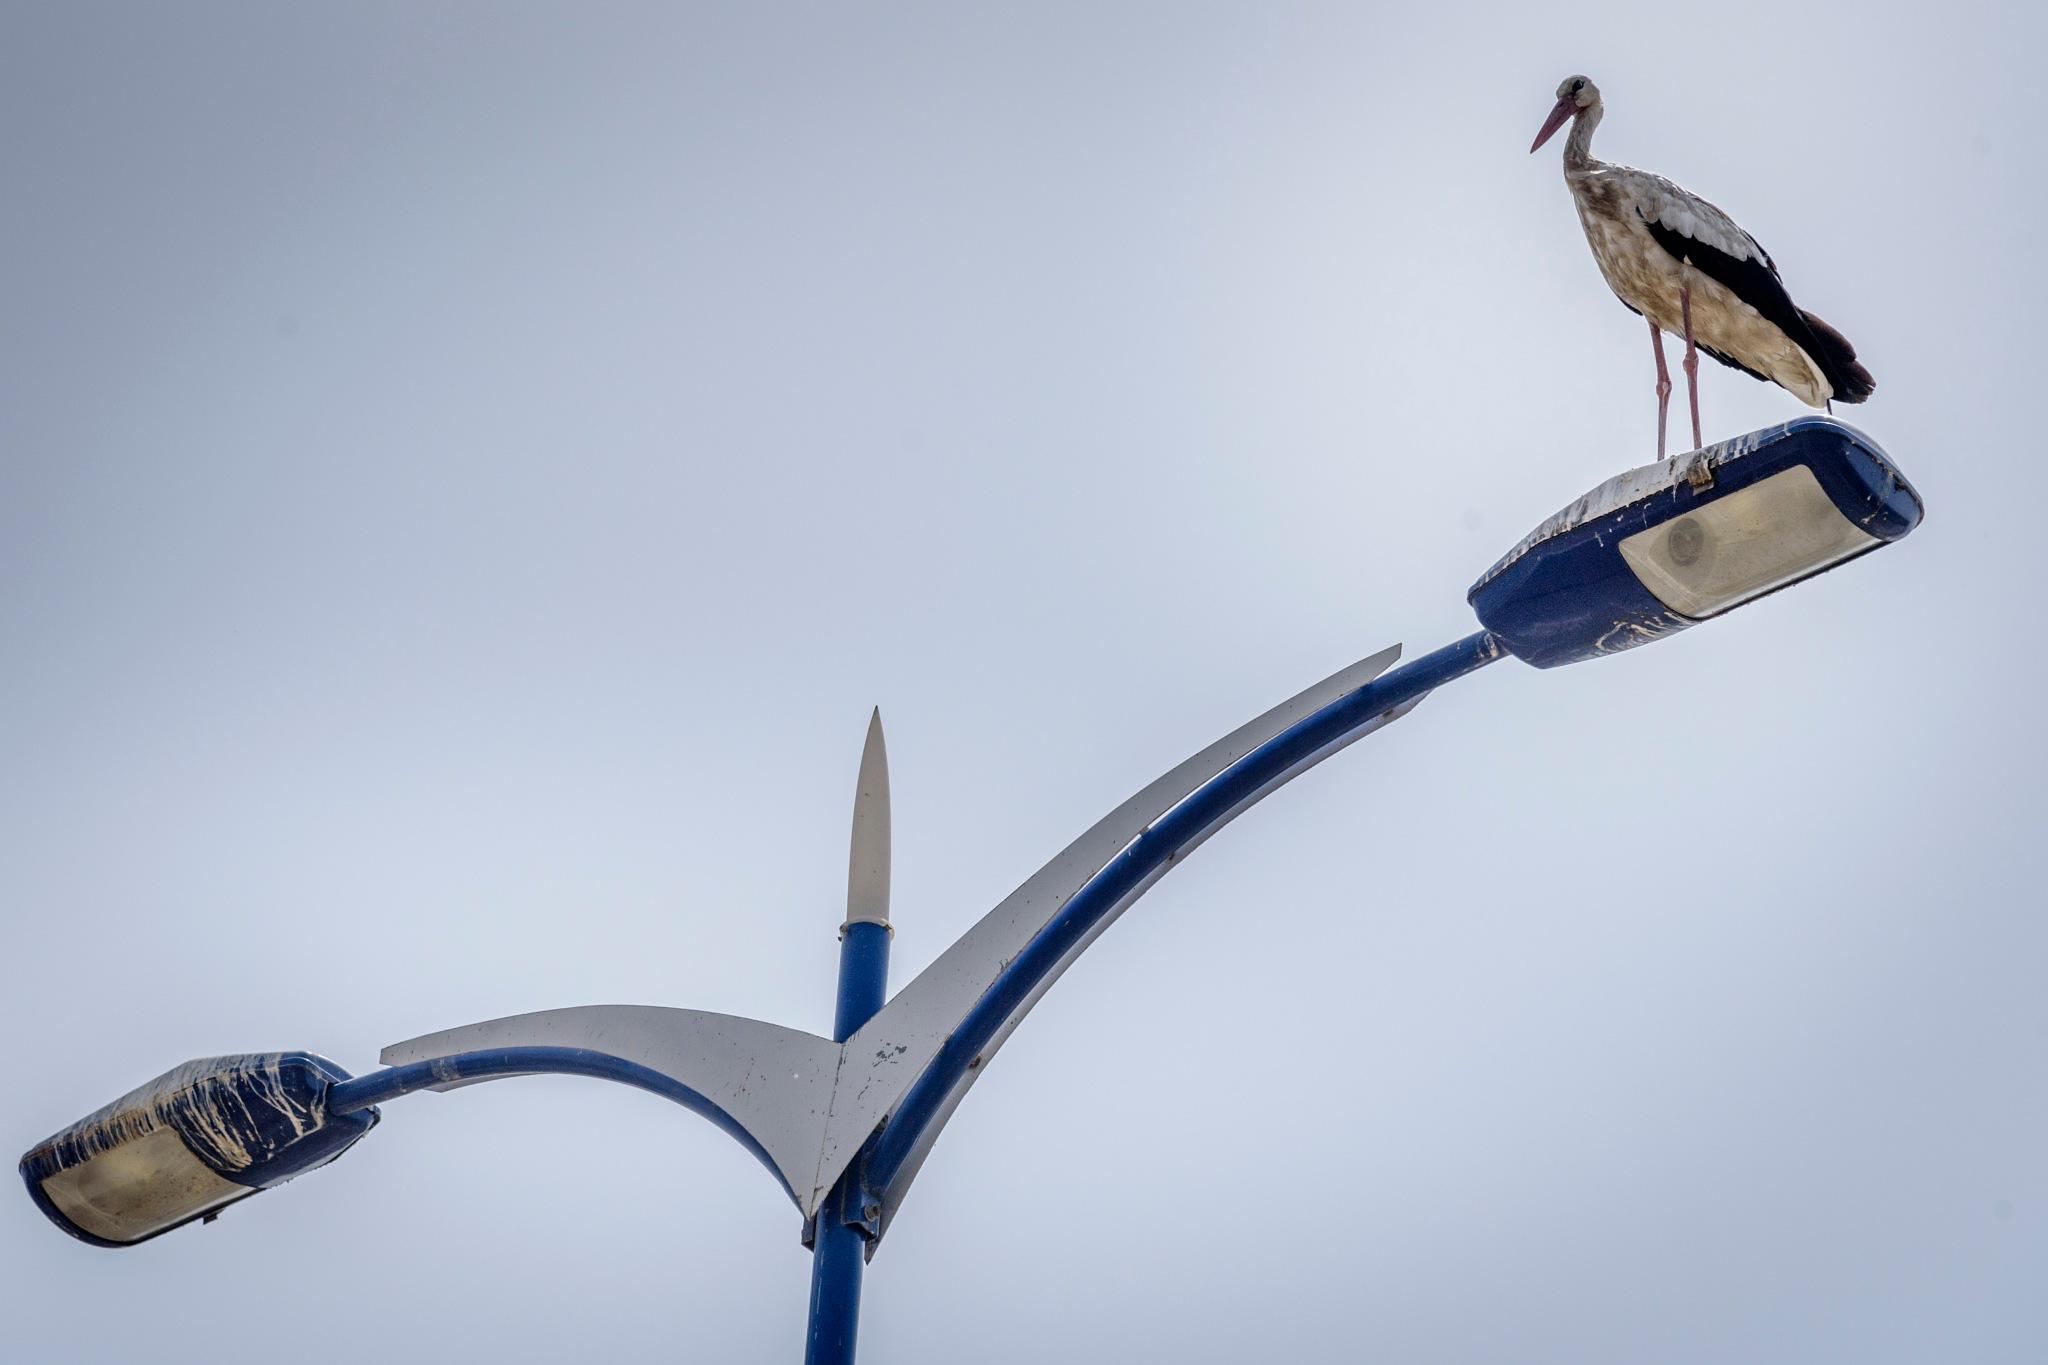 Stork by Noureddine Belfethi